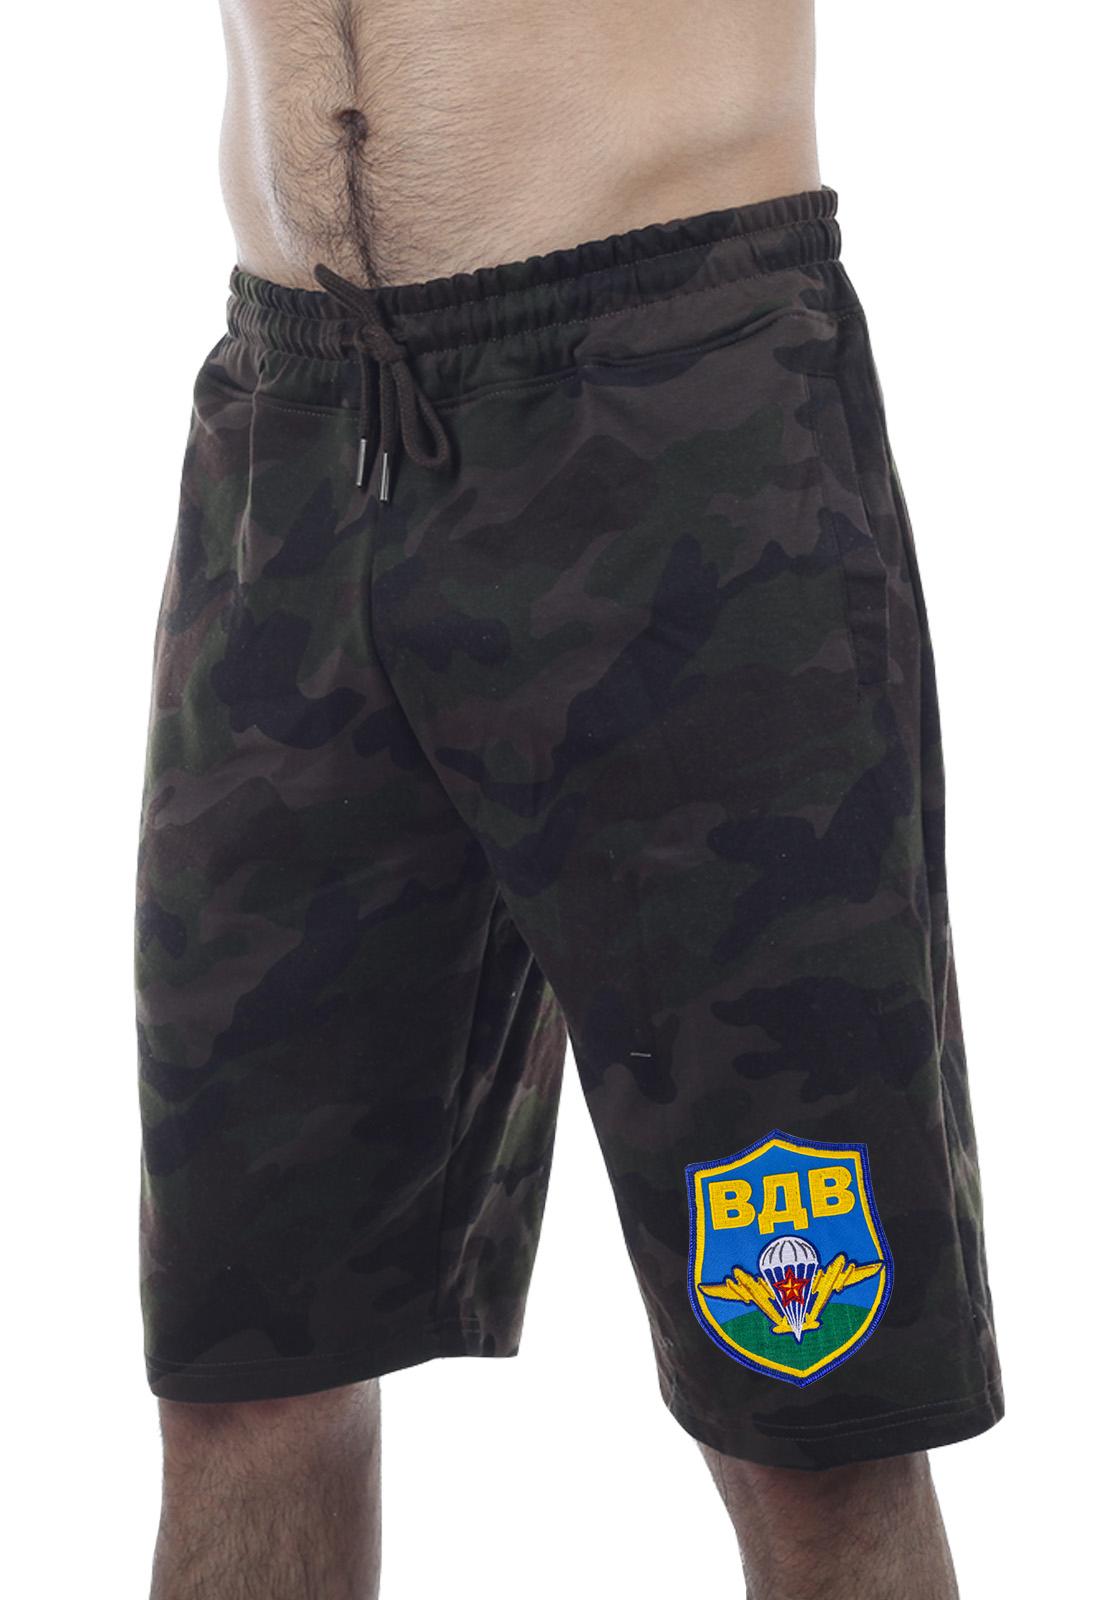 Заказать мужски шорты ВДВ в интернет магазине Военпро